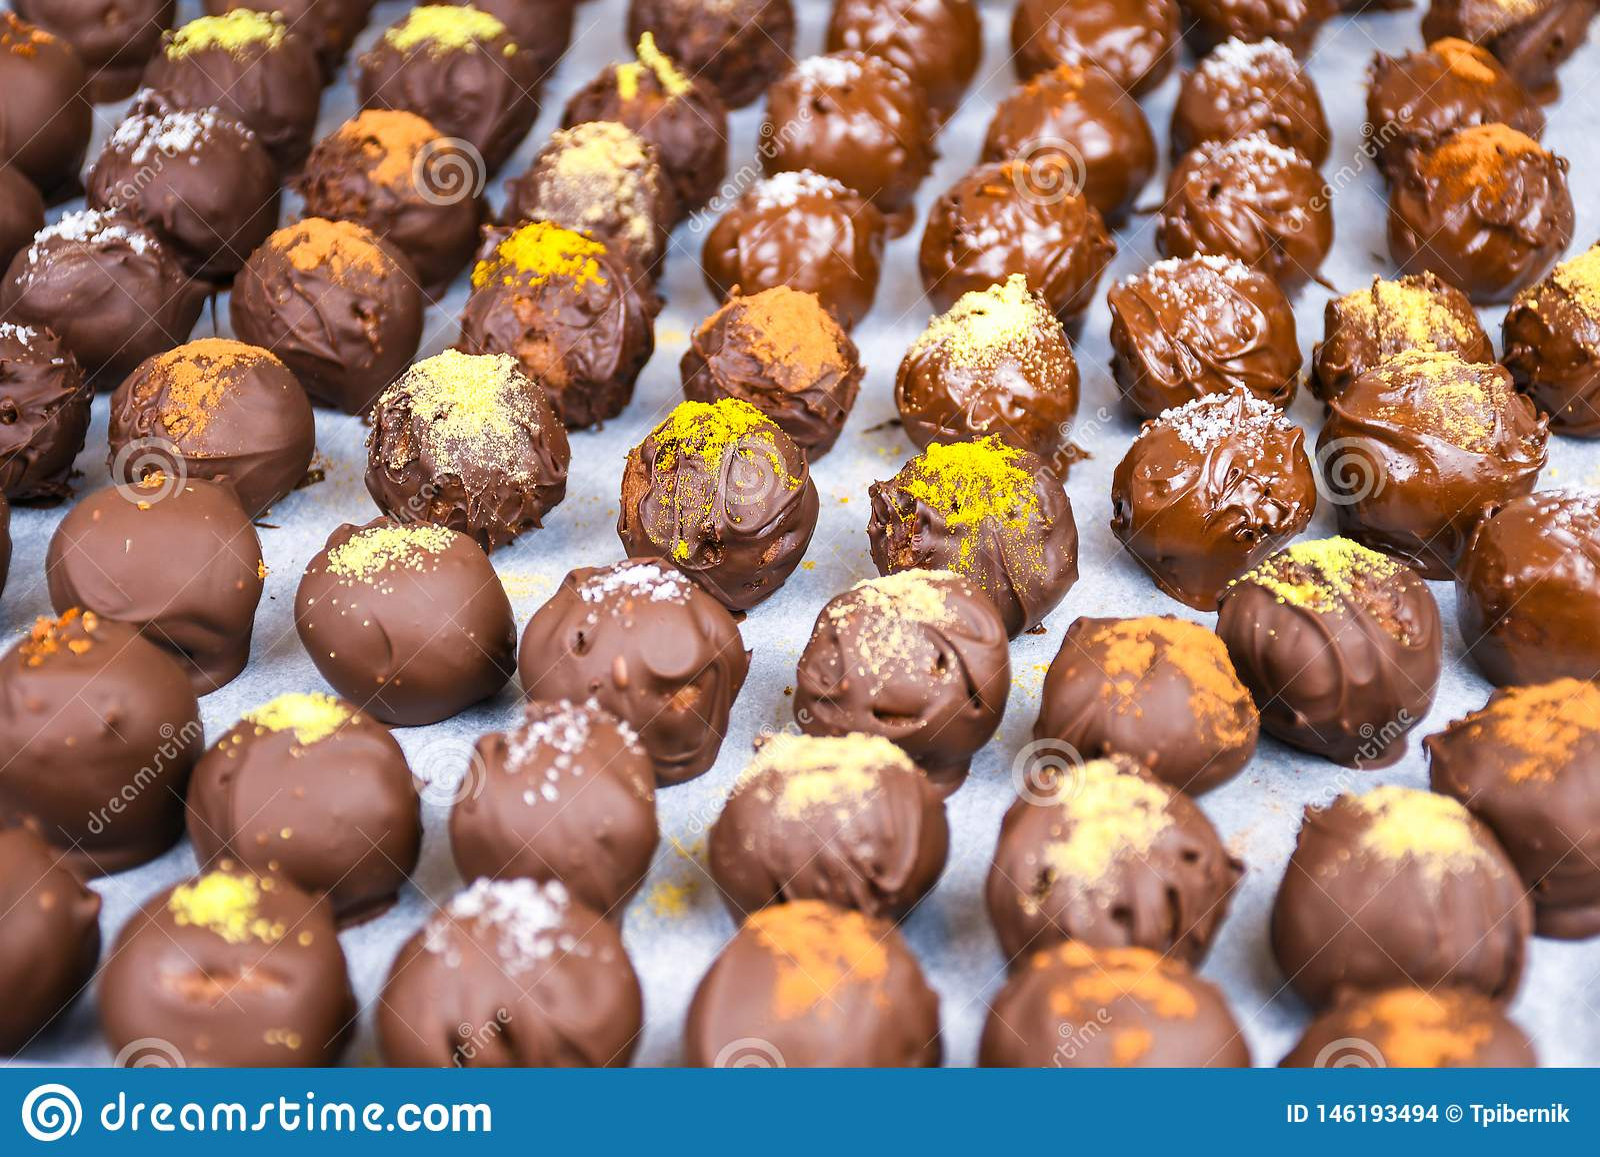 Grupo de bolas caseiros doces e saborosos do chocolate em um papel de suportação